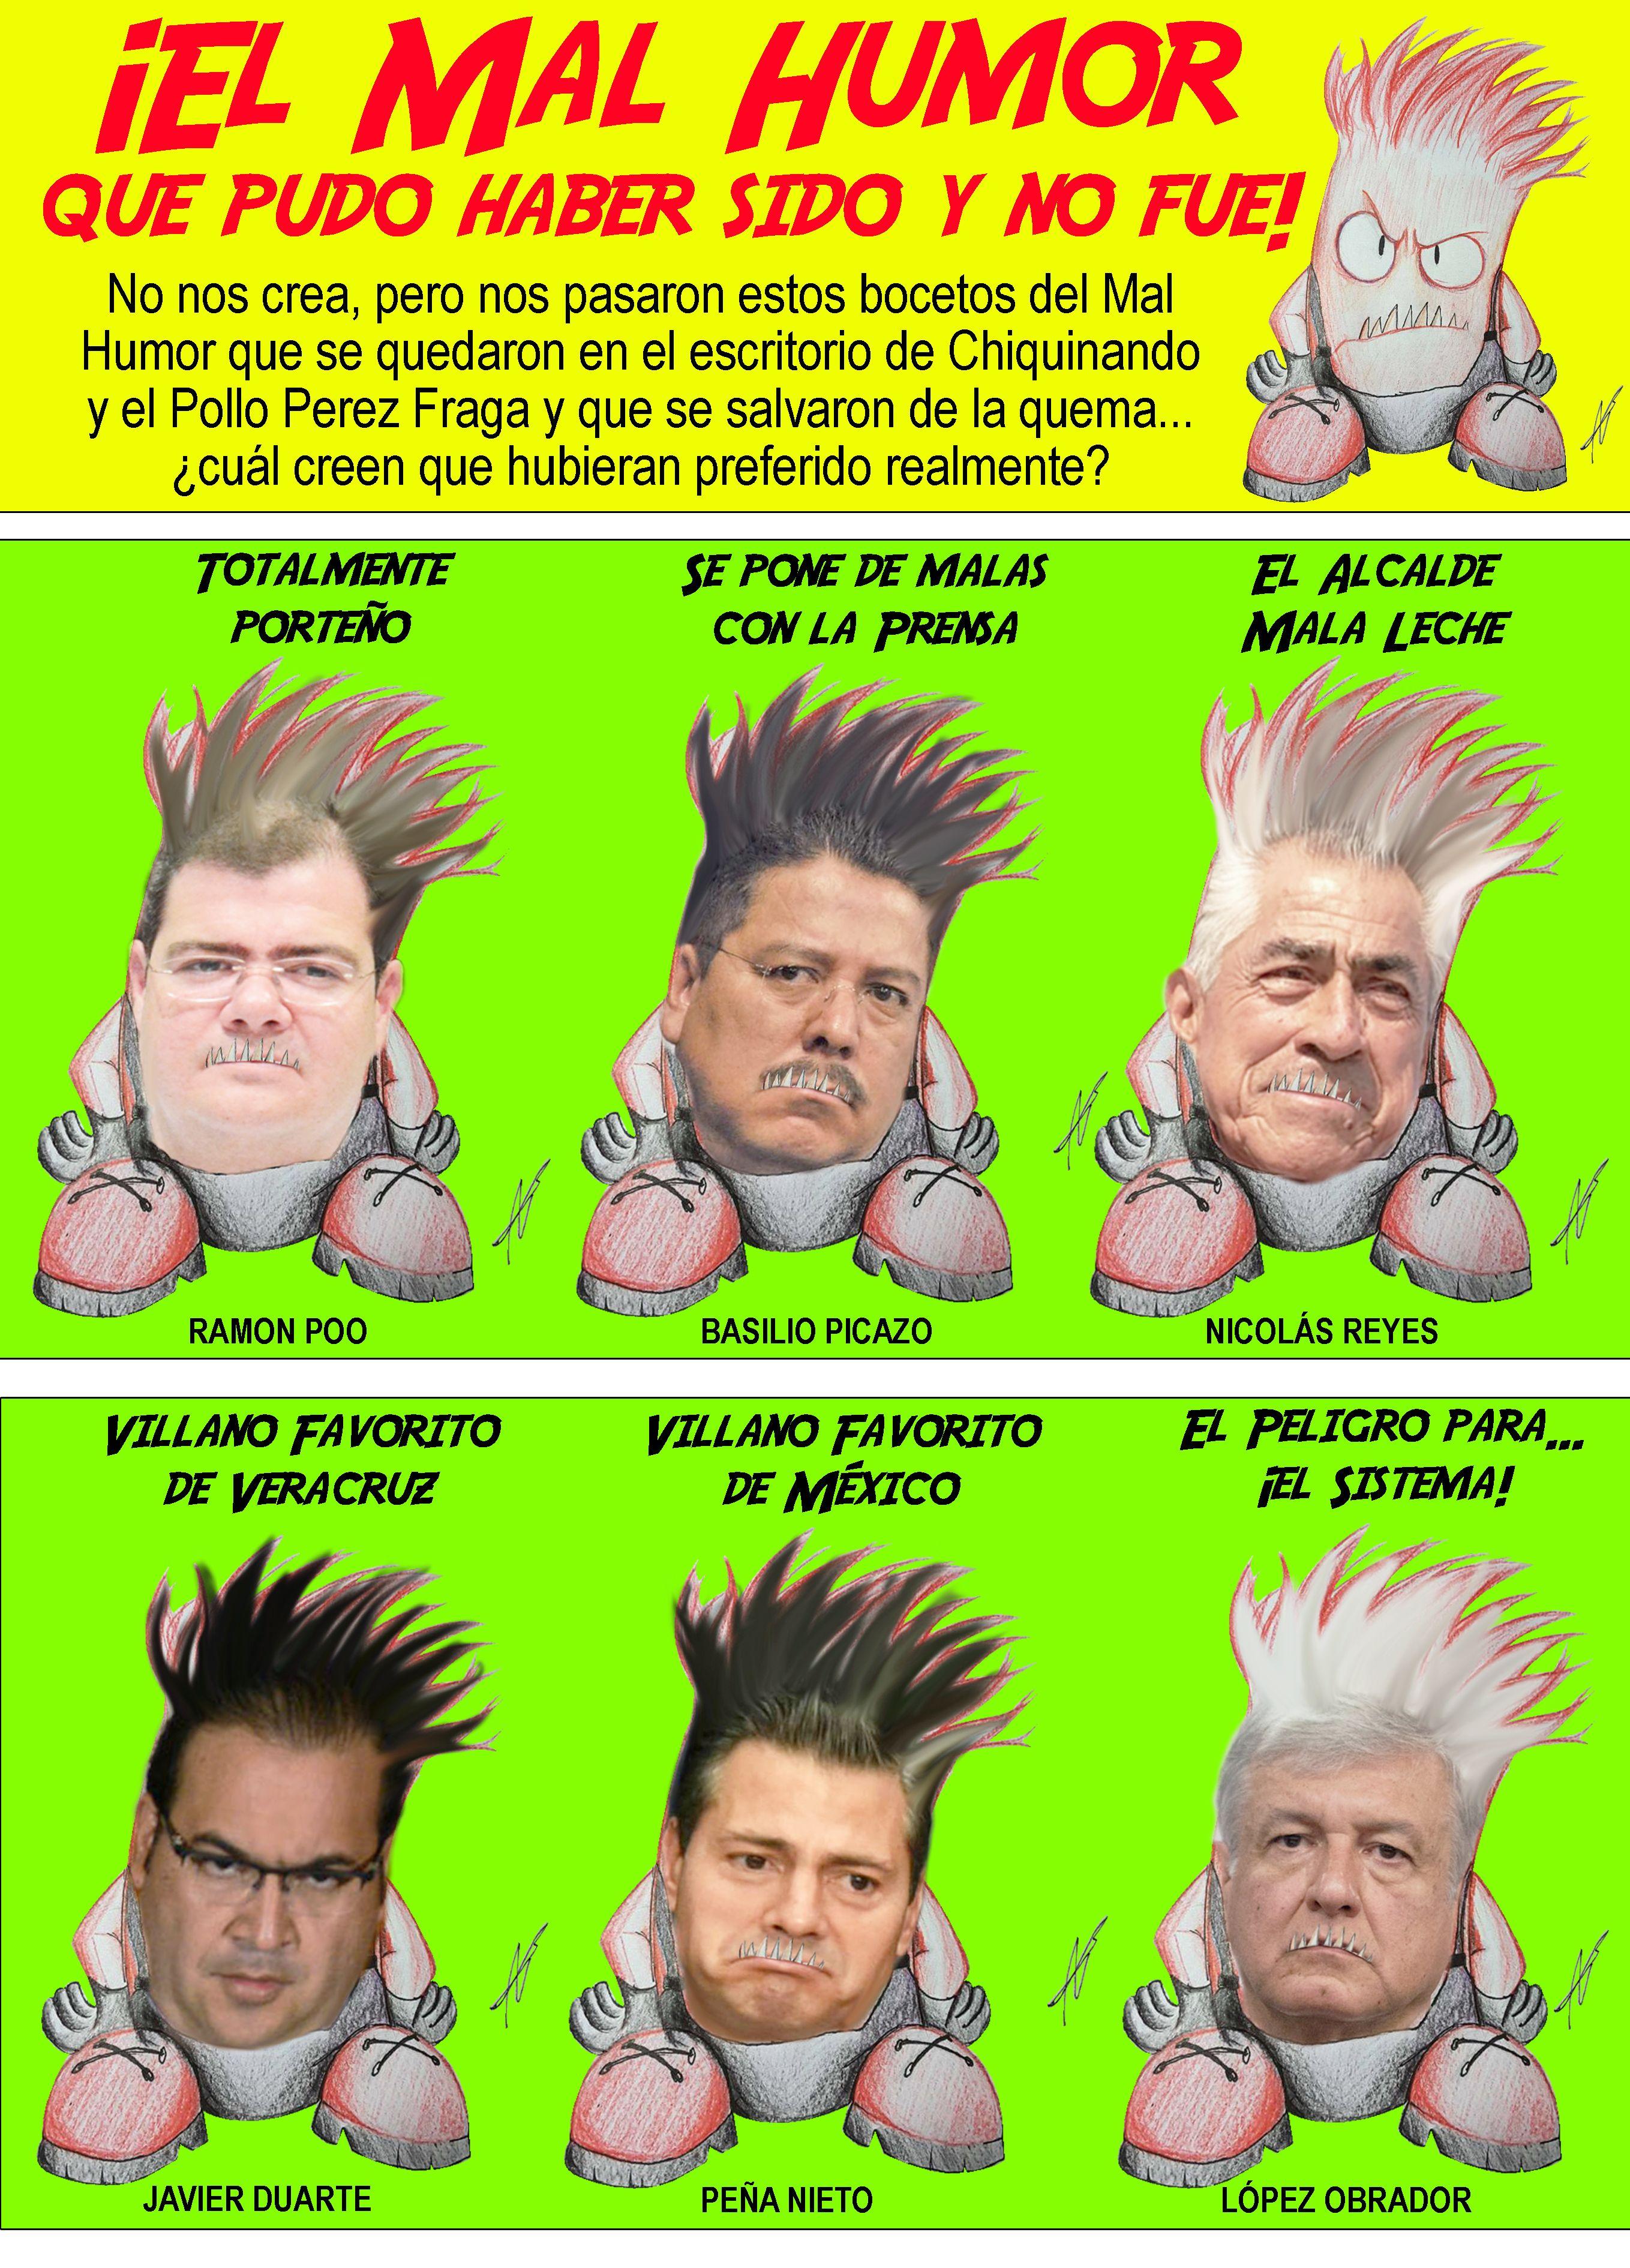 El Mal Humor Del Carnaval De Veracruz Memes De Notiver  # Ad Hoc Muebles Veracruz